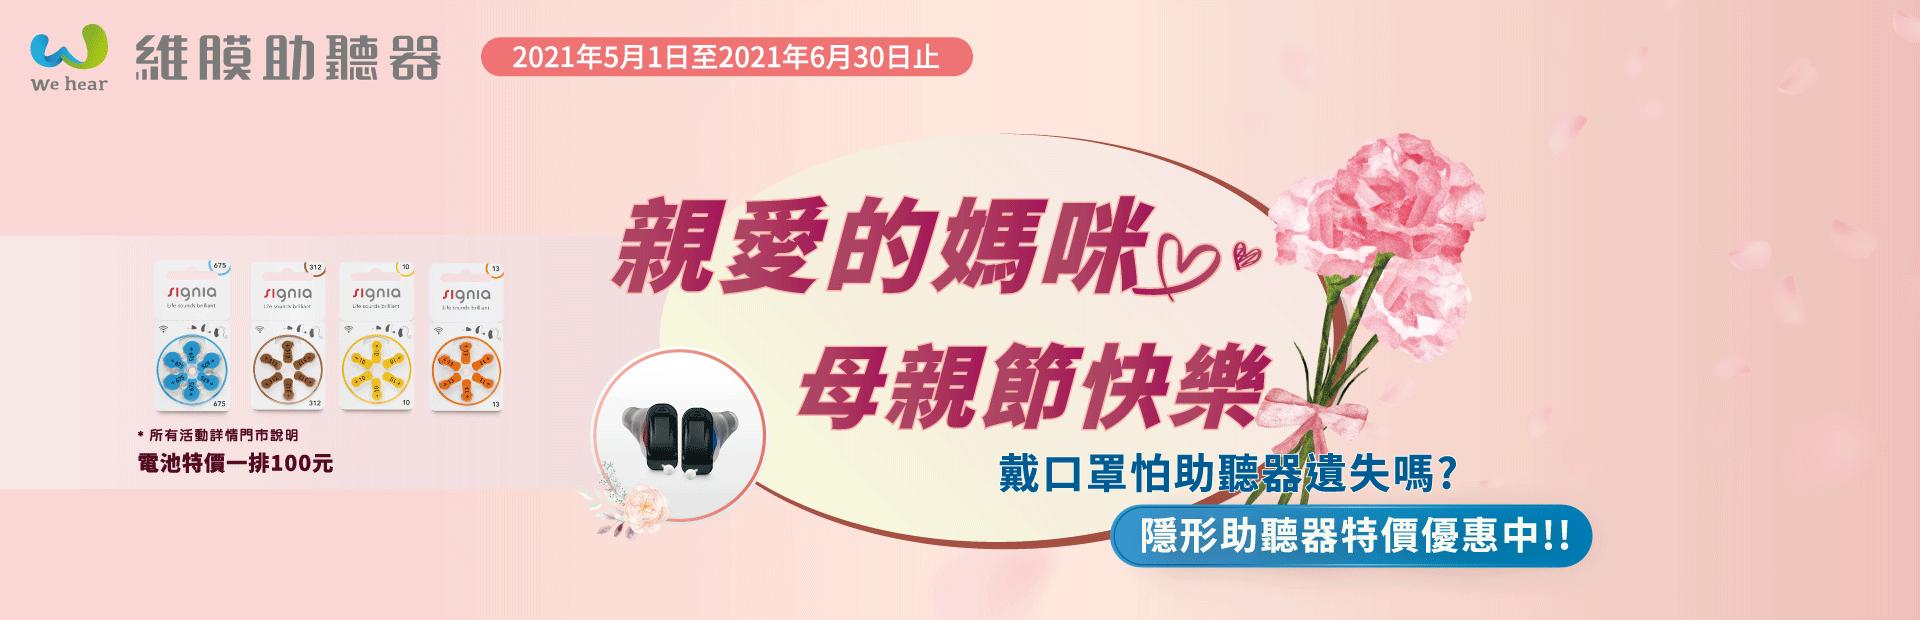 助聽器萬元補助計畫│維膜助聽器